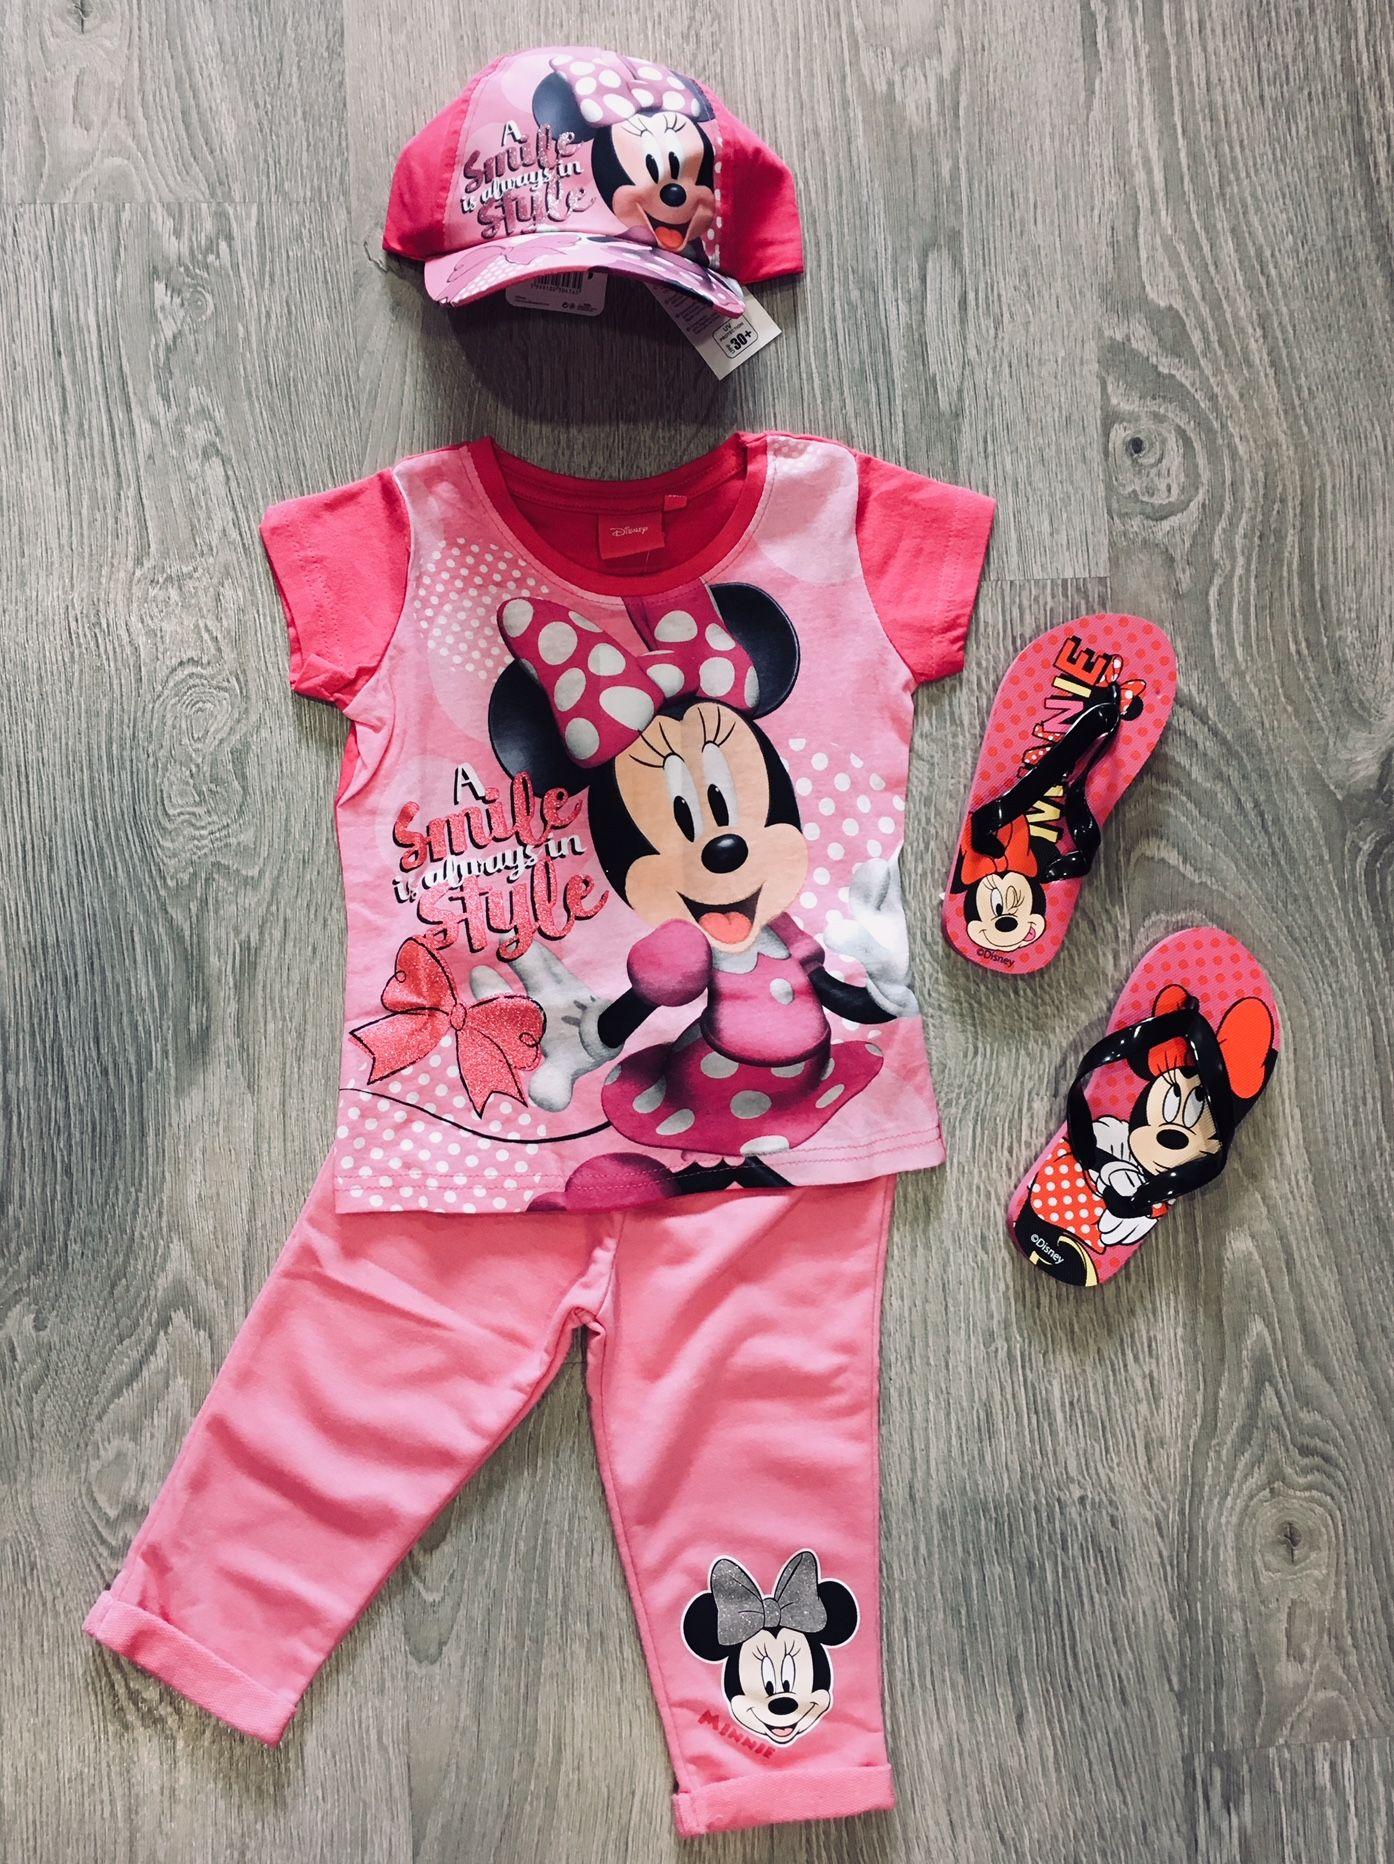 5b1b9850bbc1 detské oblečenie Minnie Mouse